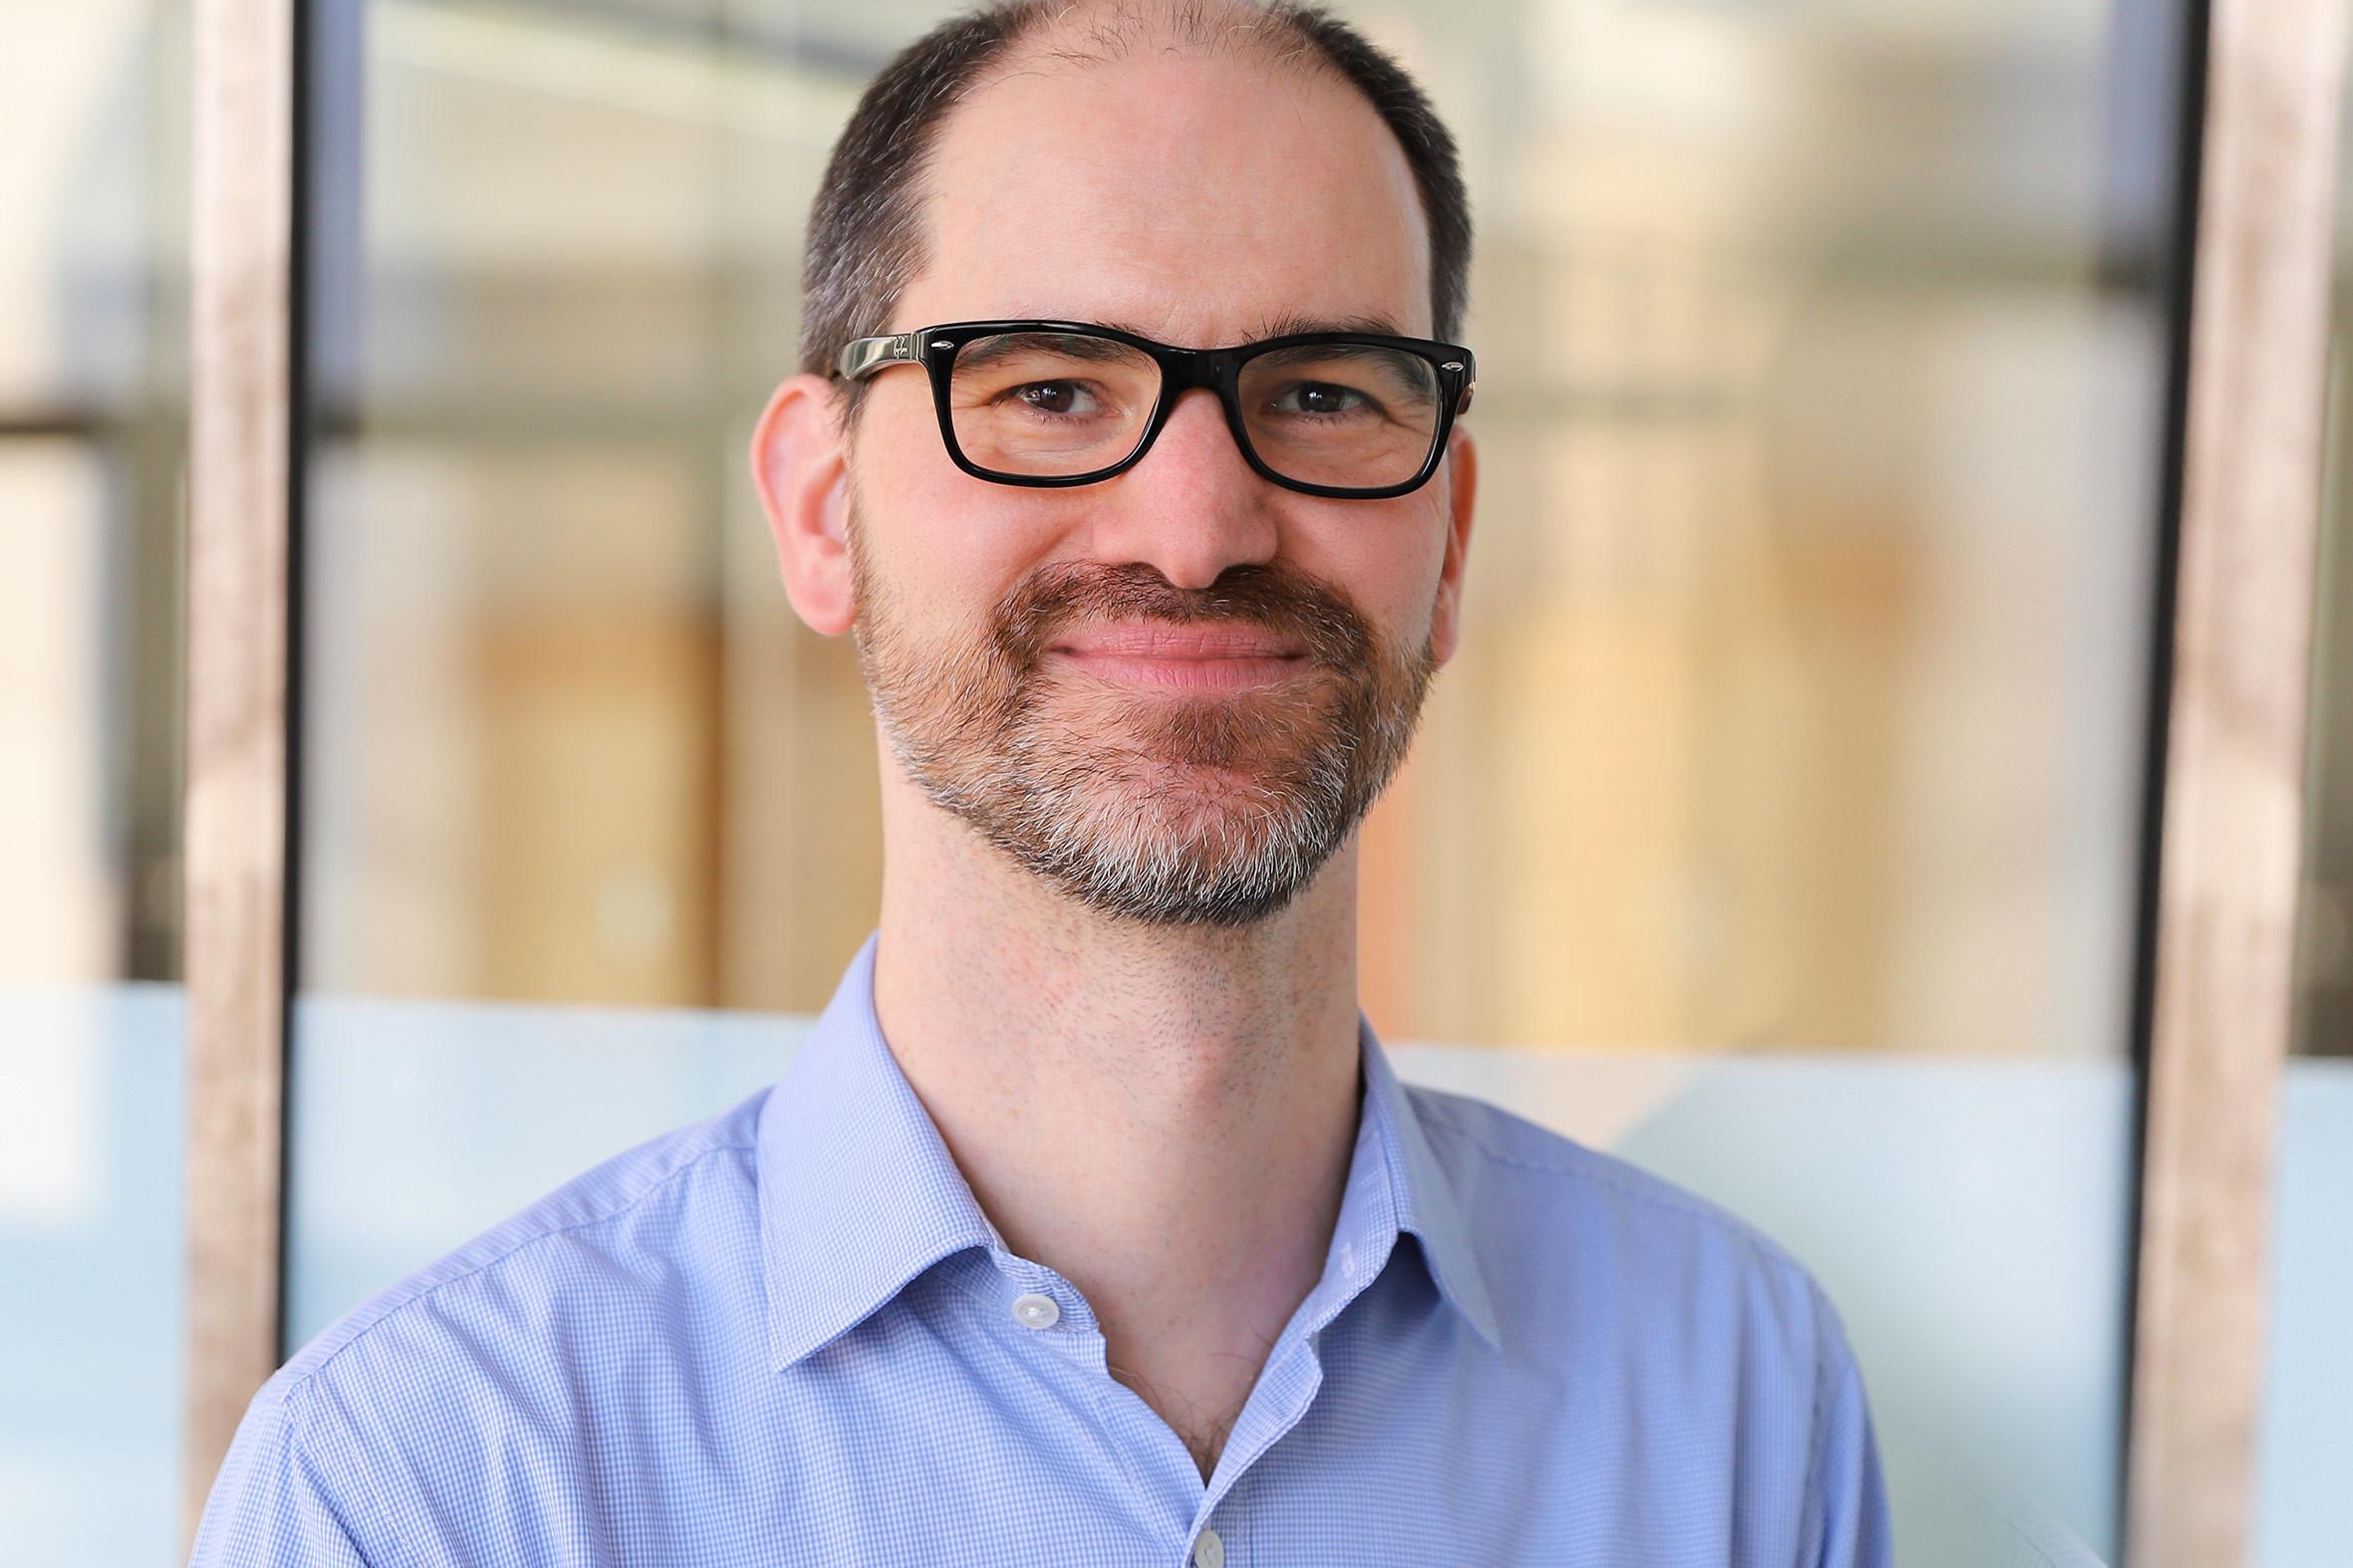 Der Marketing- und Digital-Experte Jens Lang hat die Leitung der Digital-Agentur Interlutions Hamburg übernommen. (Foto: Interlutions)